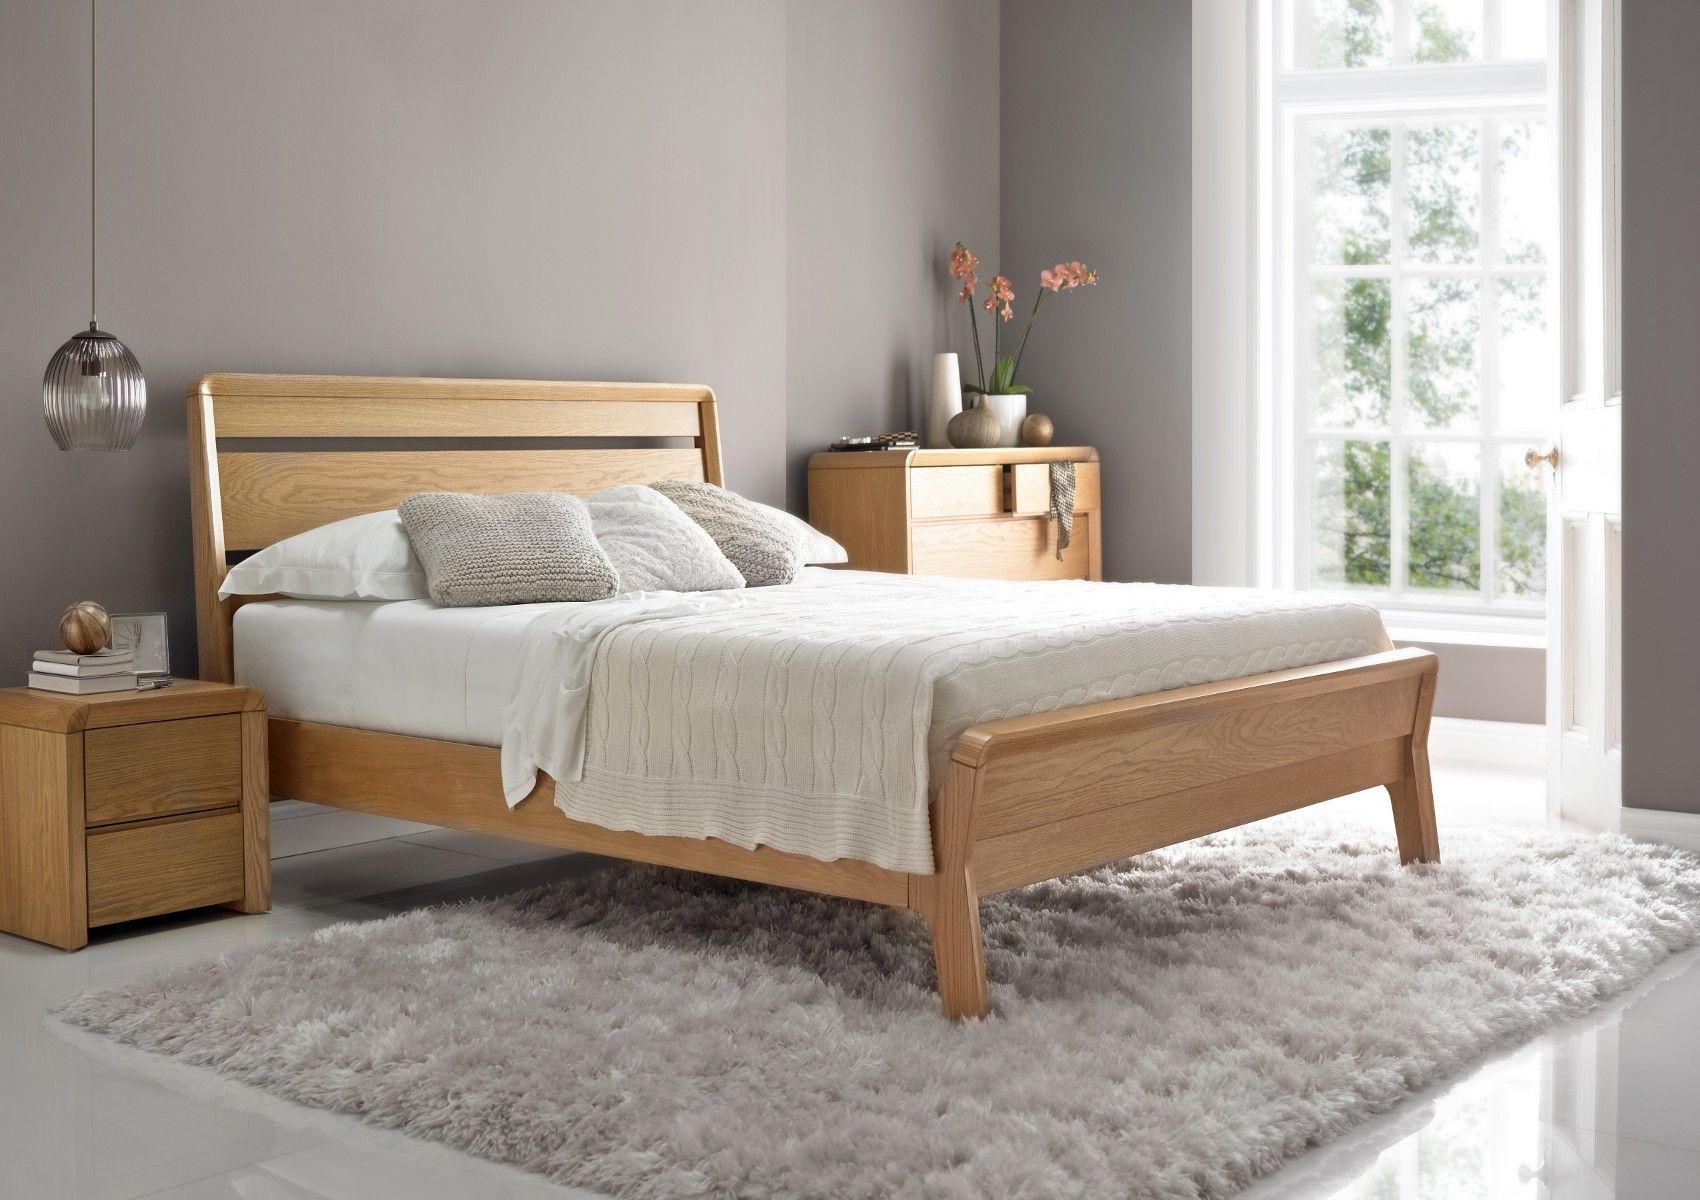 Brittany Oak Finish Bed Frame Light wood Wooden Beds